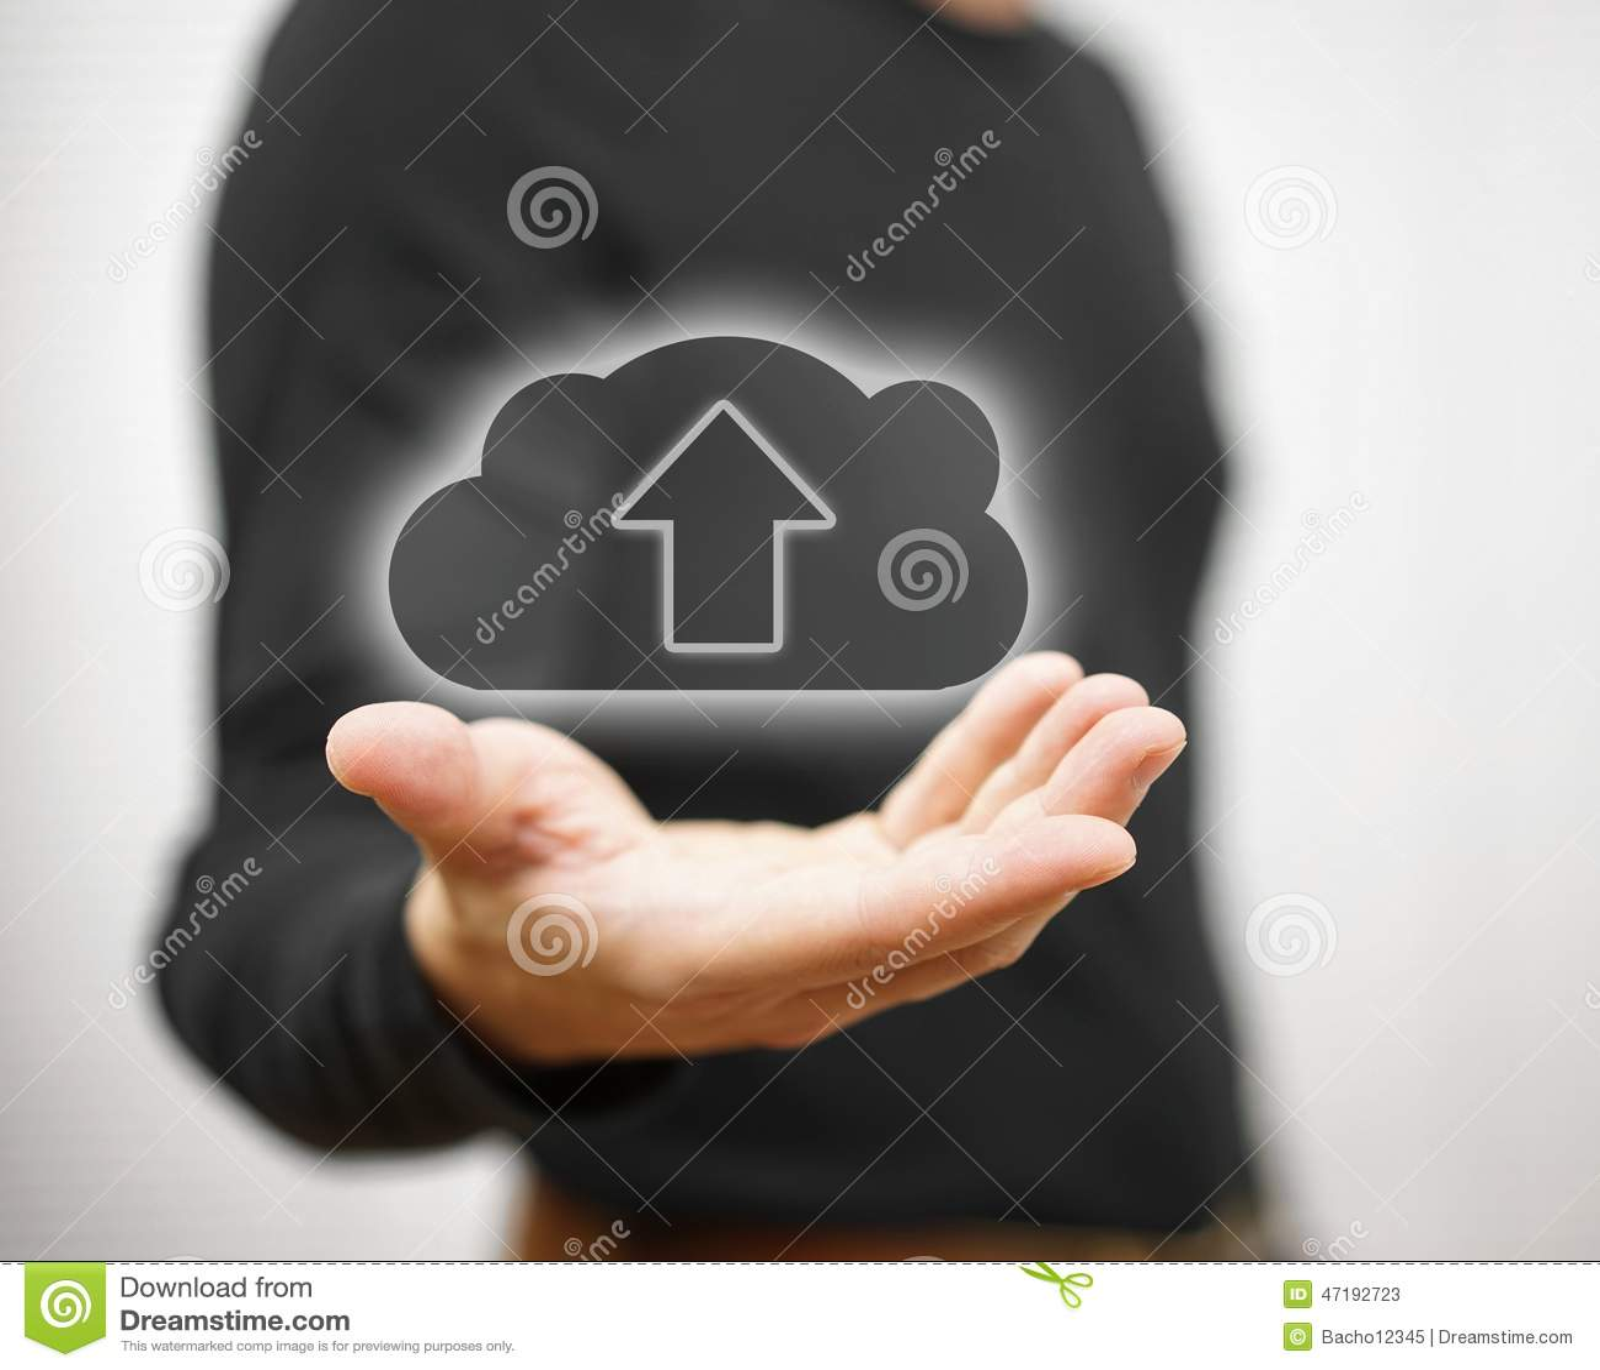 Концепция безопасного хранения данных или загружать облака вы хранит